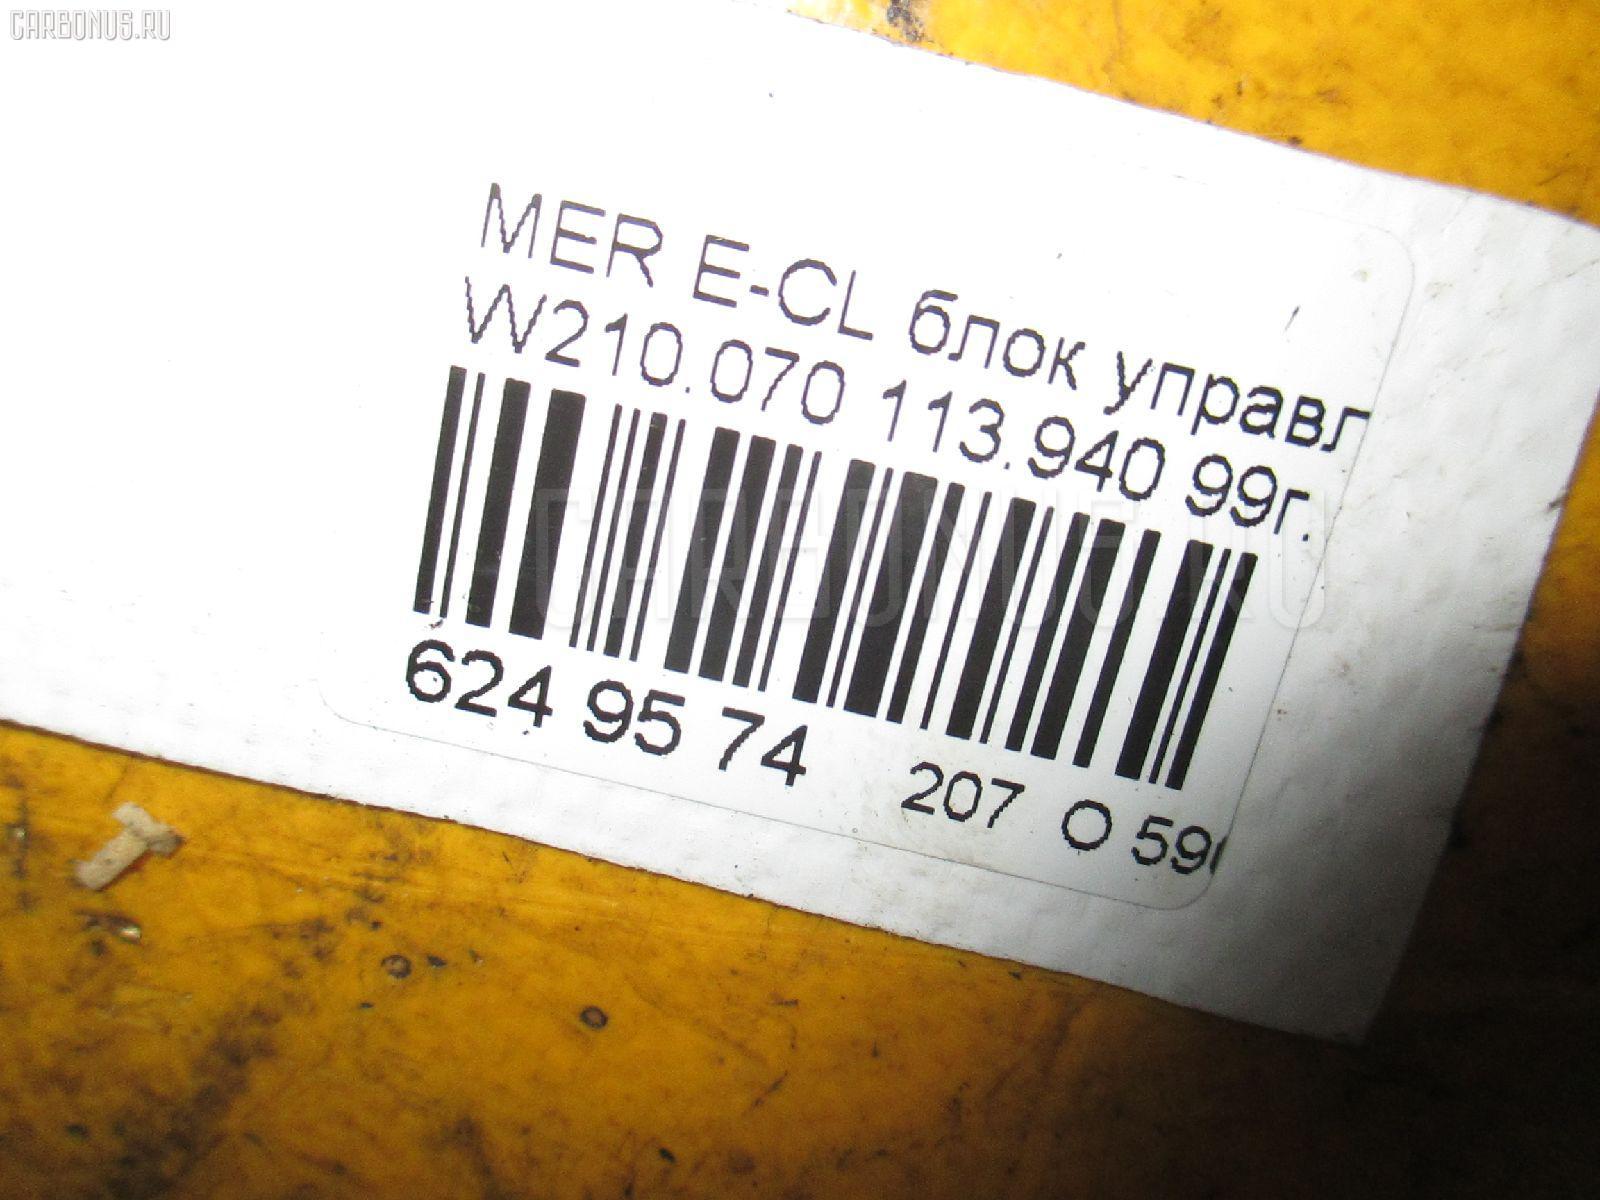 Блок управления вентилятором MERCEDES-BENZ E-CLASS W210.070 113.940 Фото 4